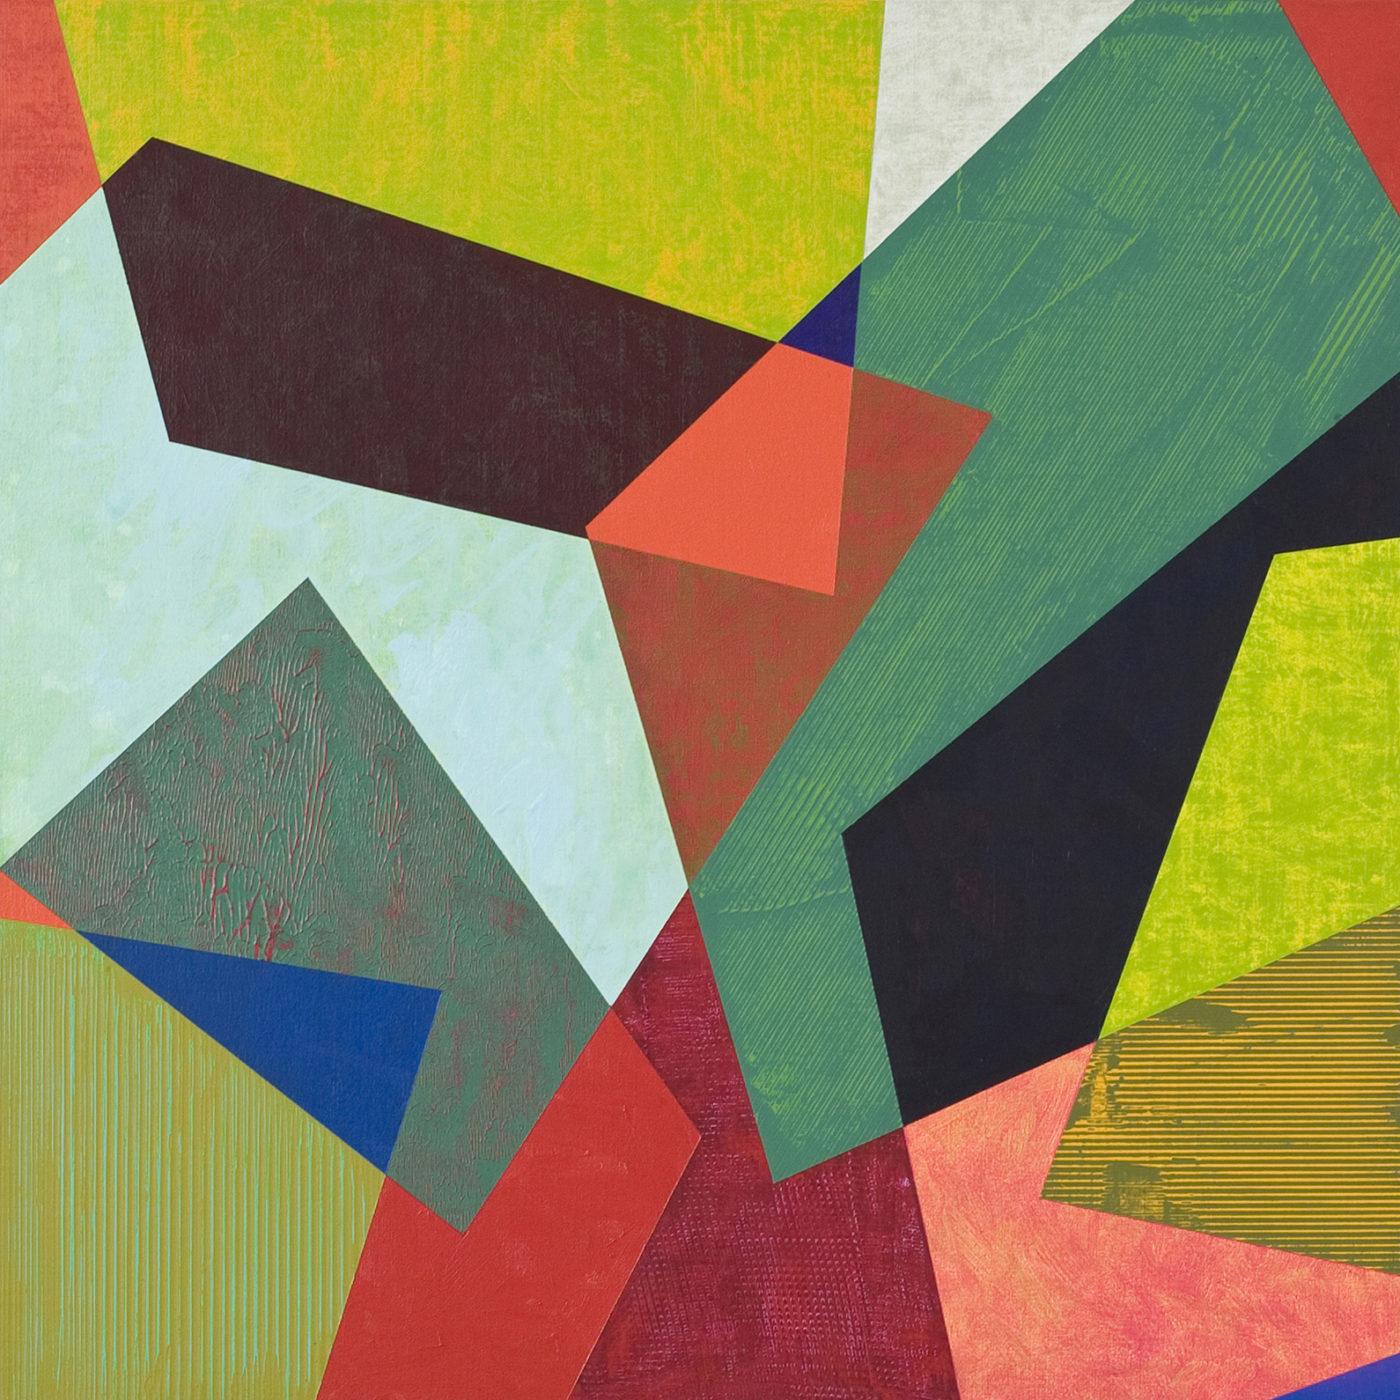 Color Blind, 2011